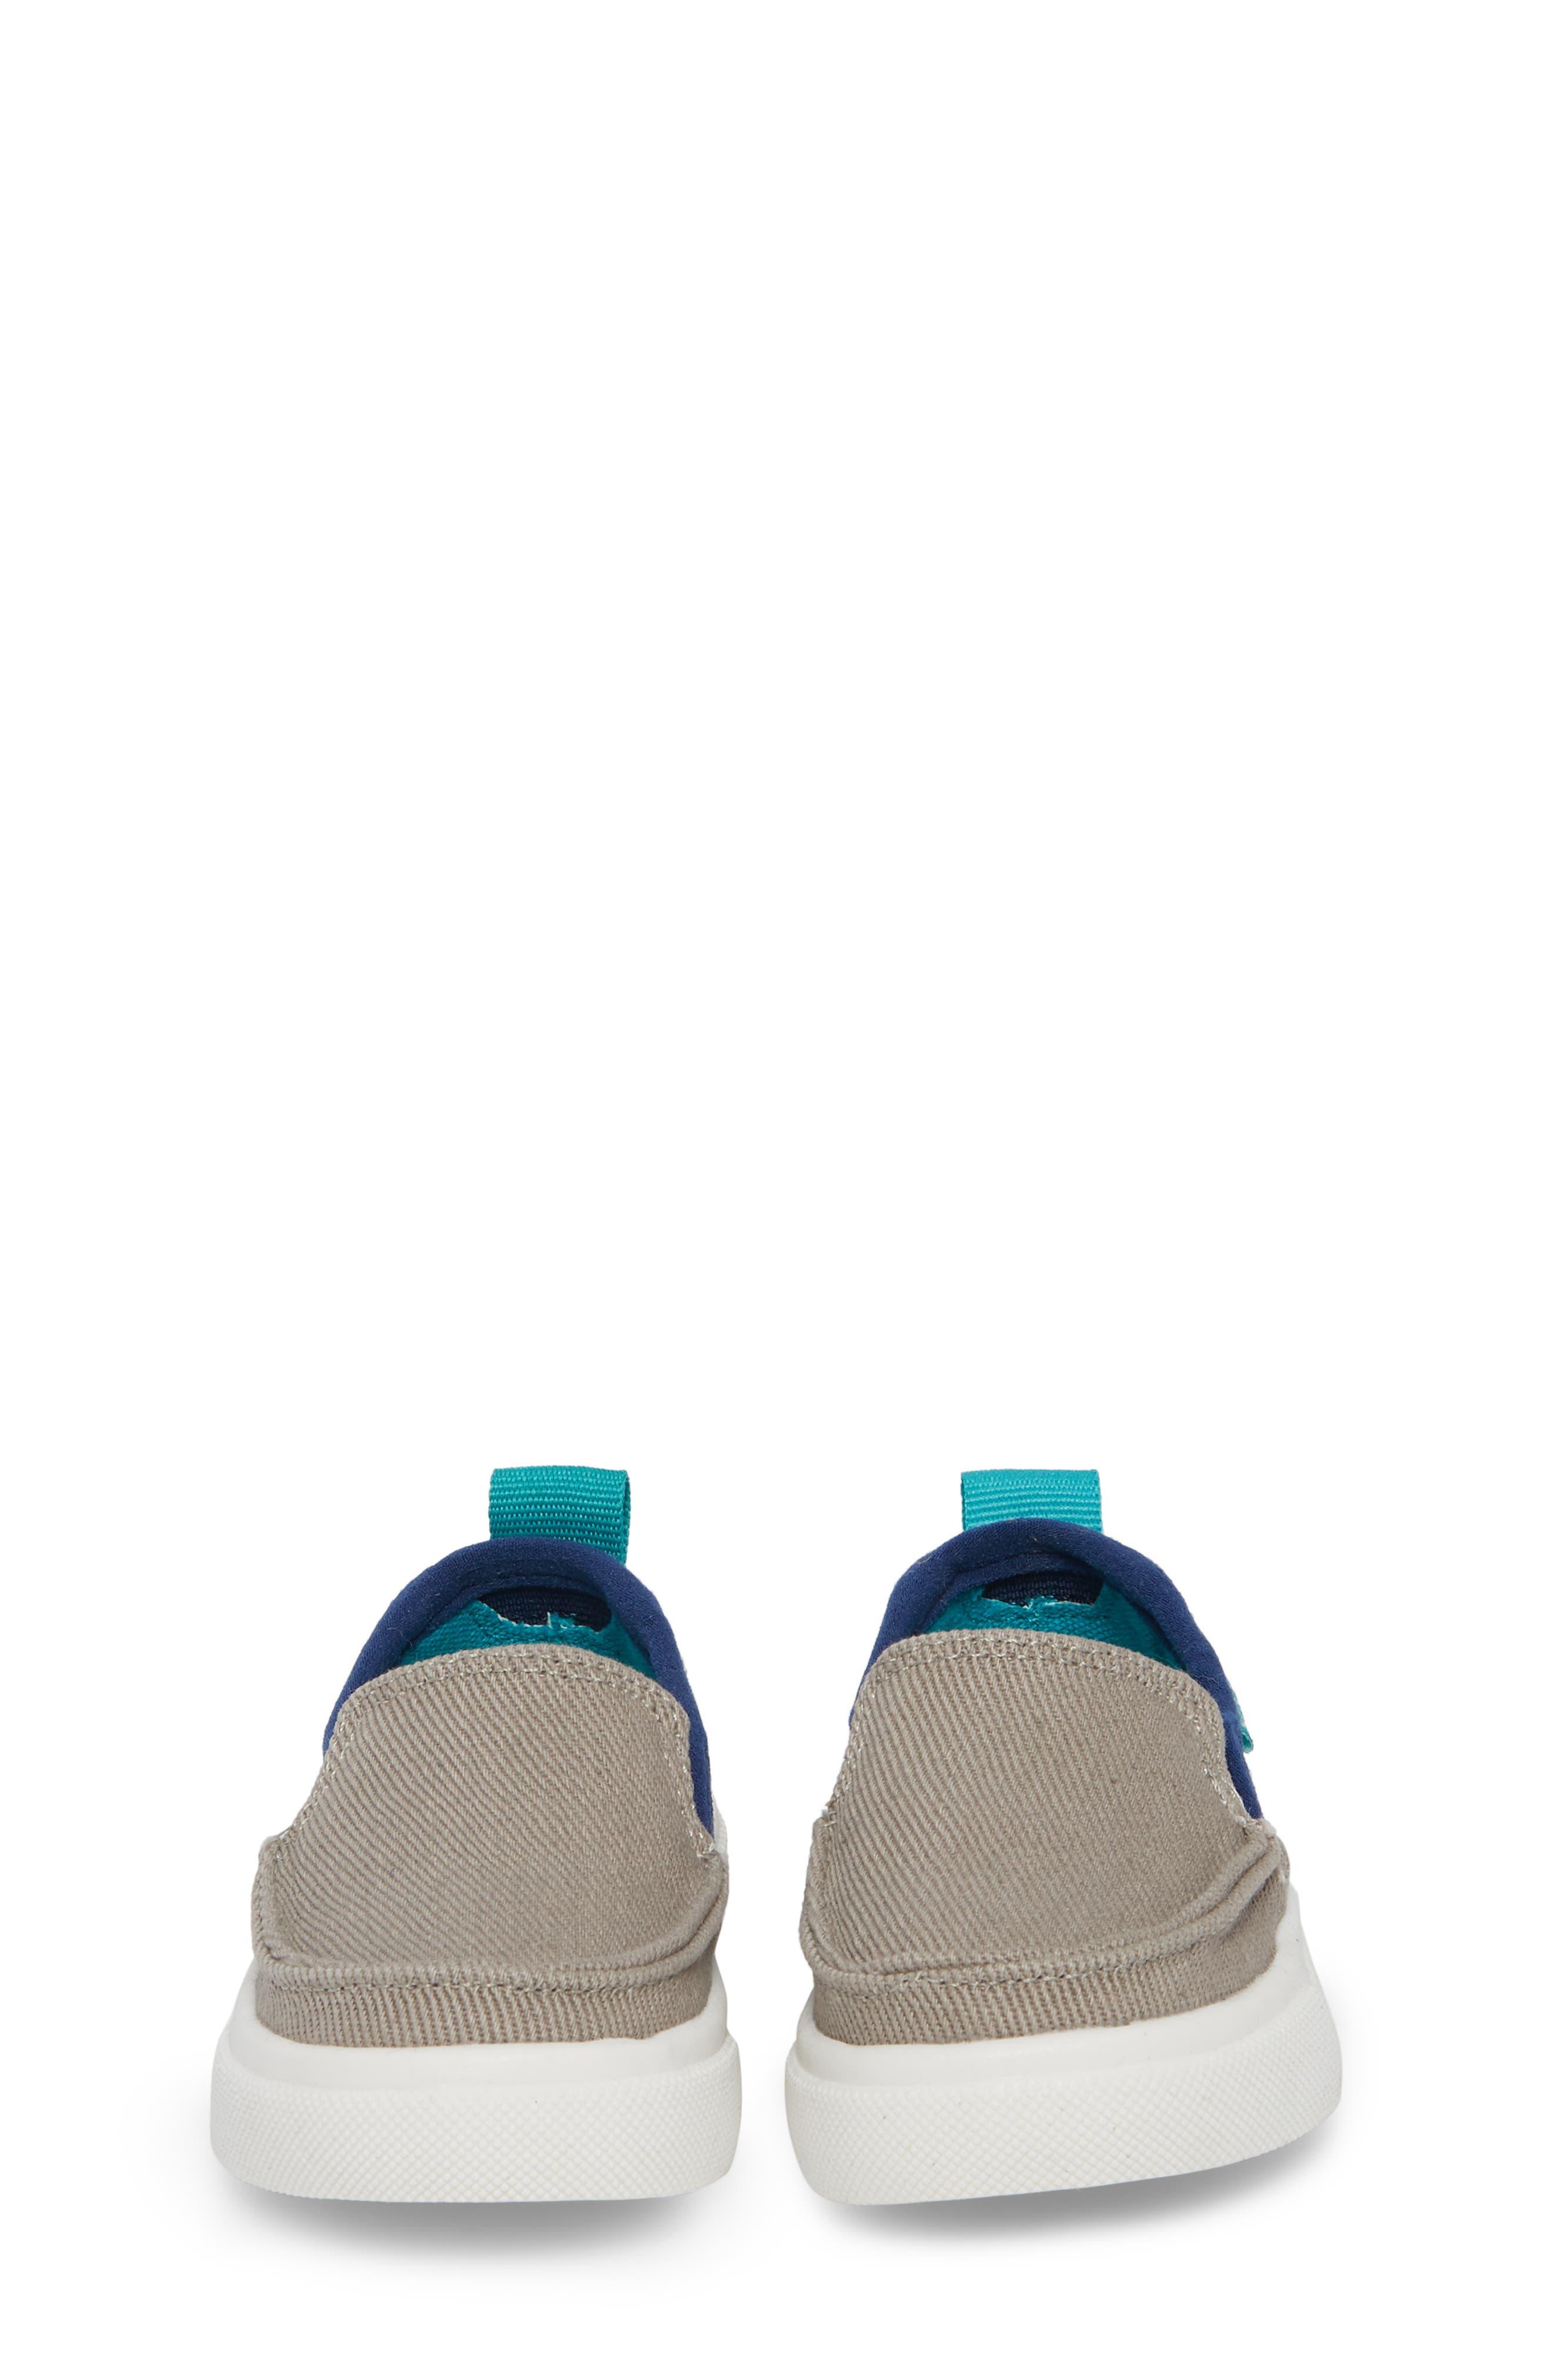 Roam Slip-On Sneaker,                             Alternate thumbnail 4, color,                             Earth